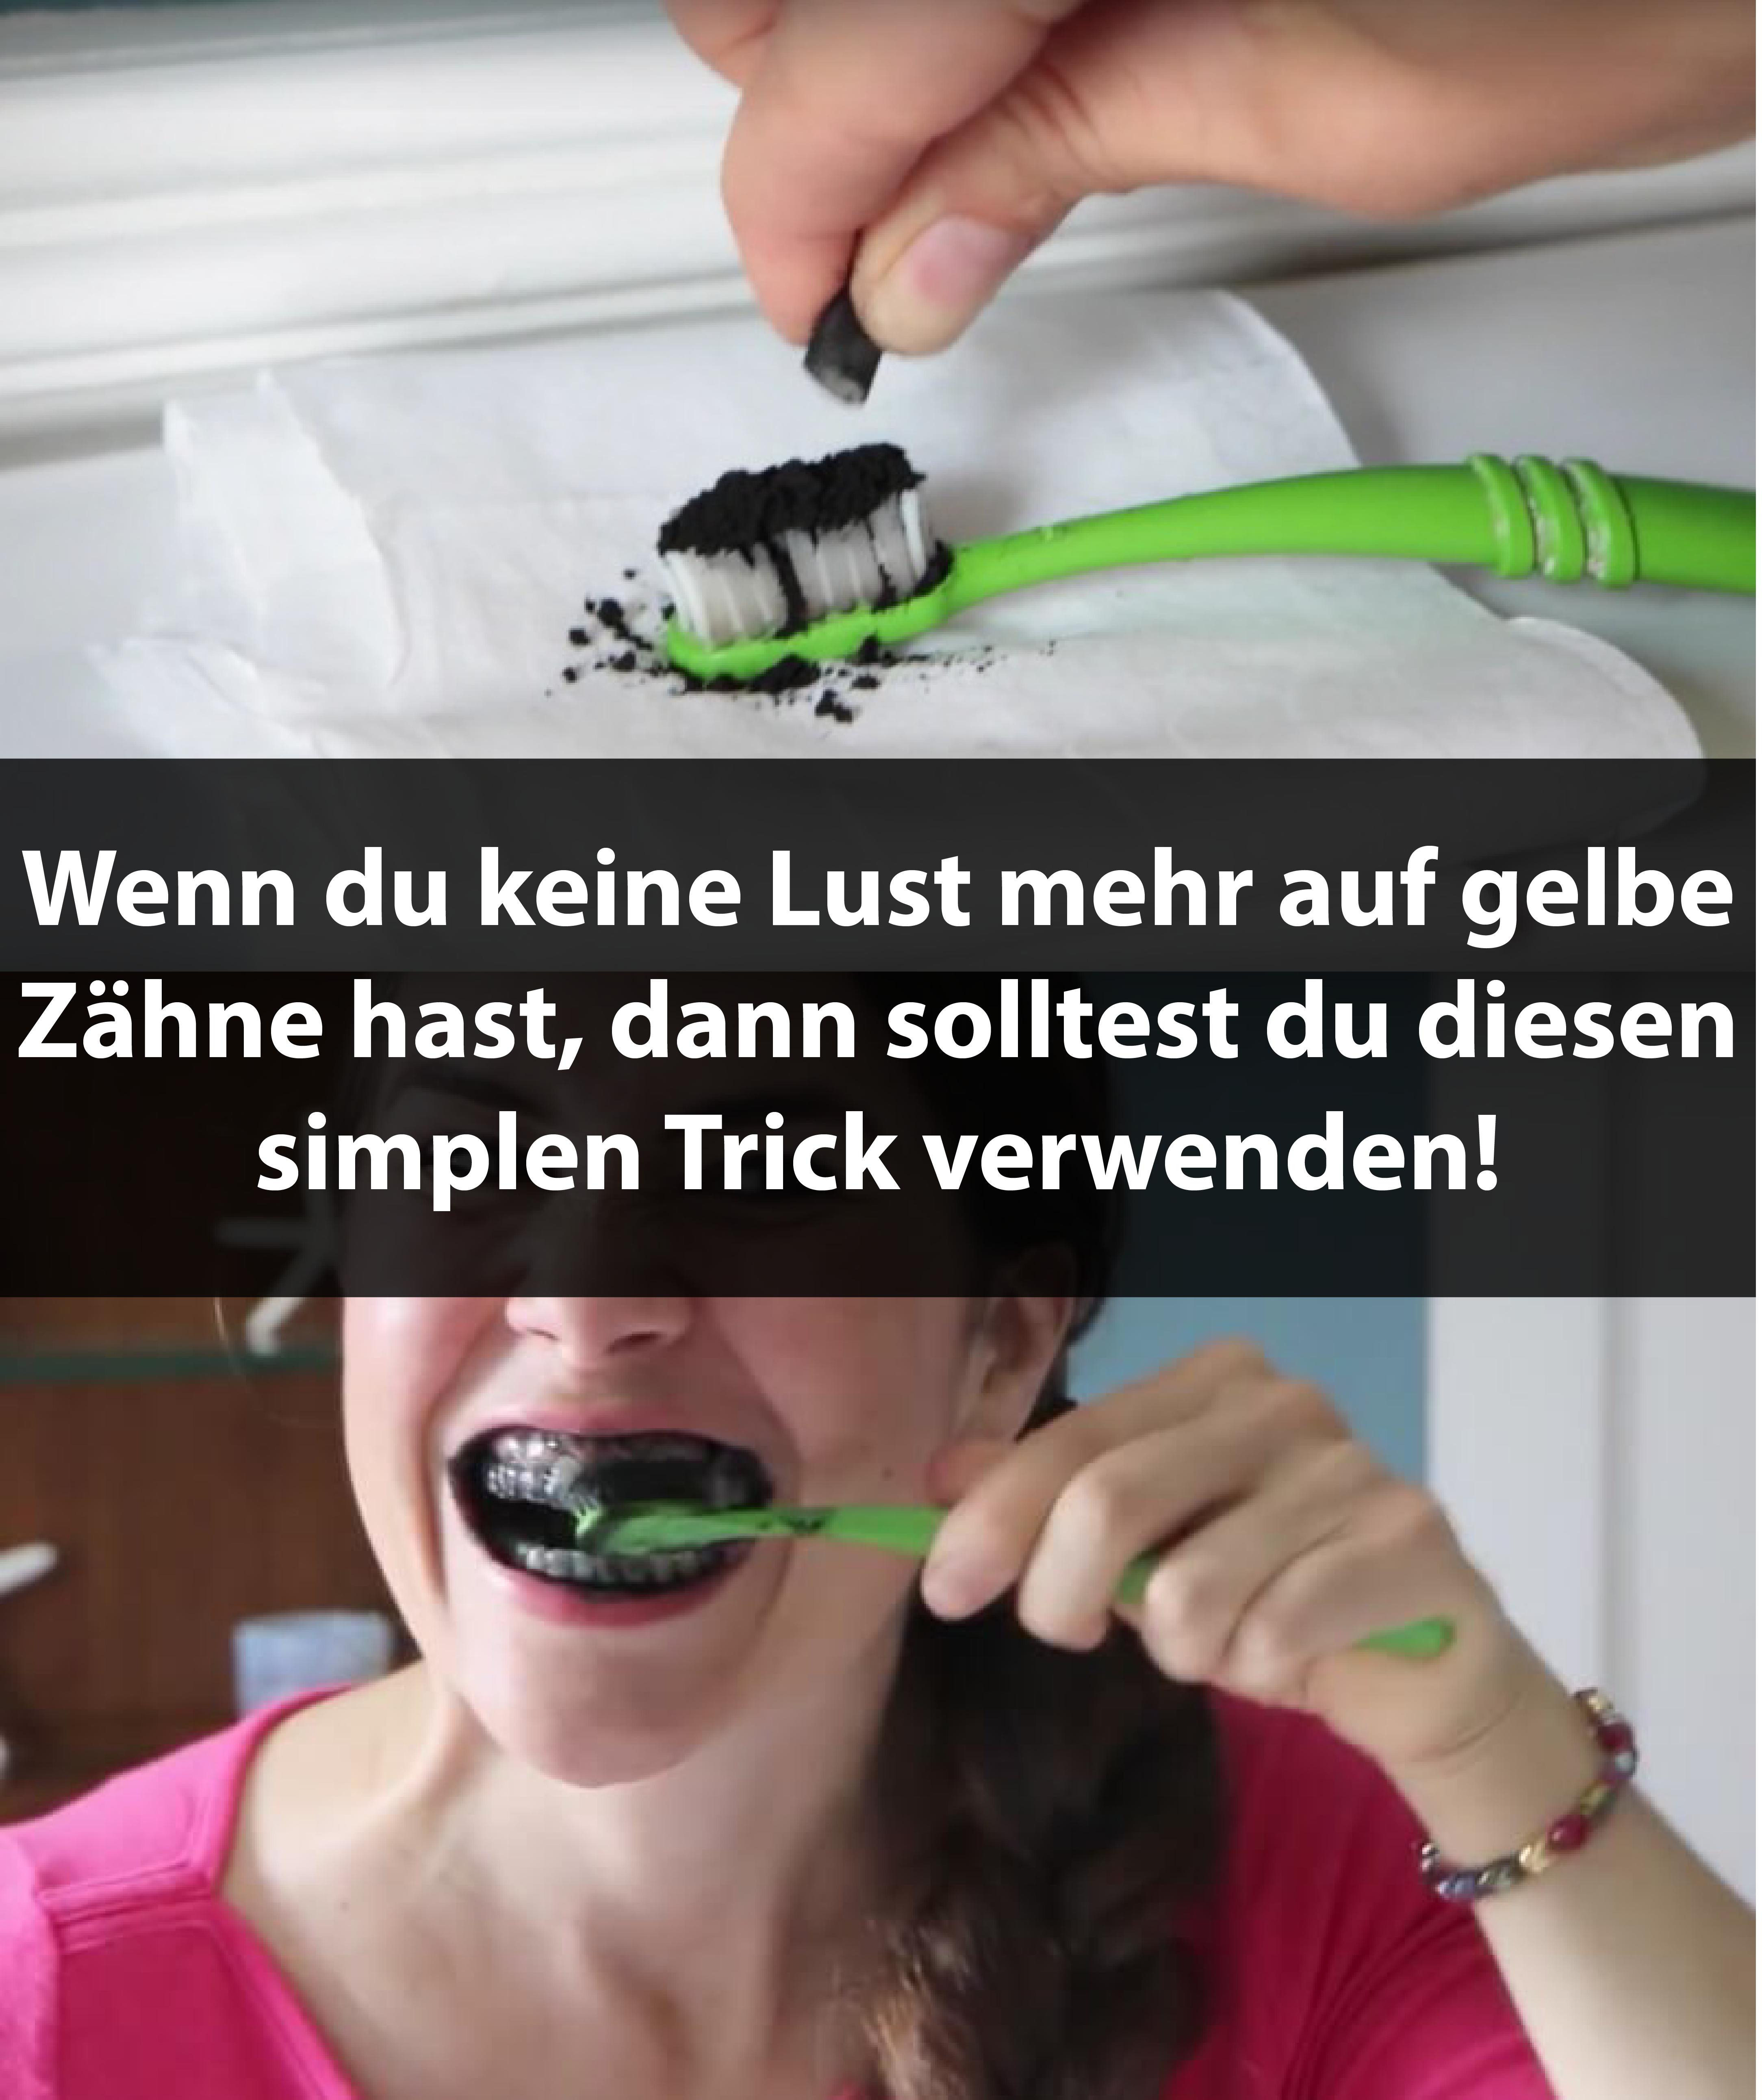 Wenn du keine Lust mehr auf gelbe Zähne hast, dann solltest du diesen simplen Trick verwenden!